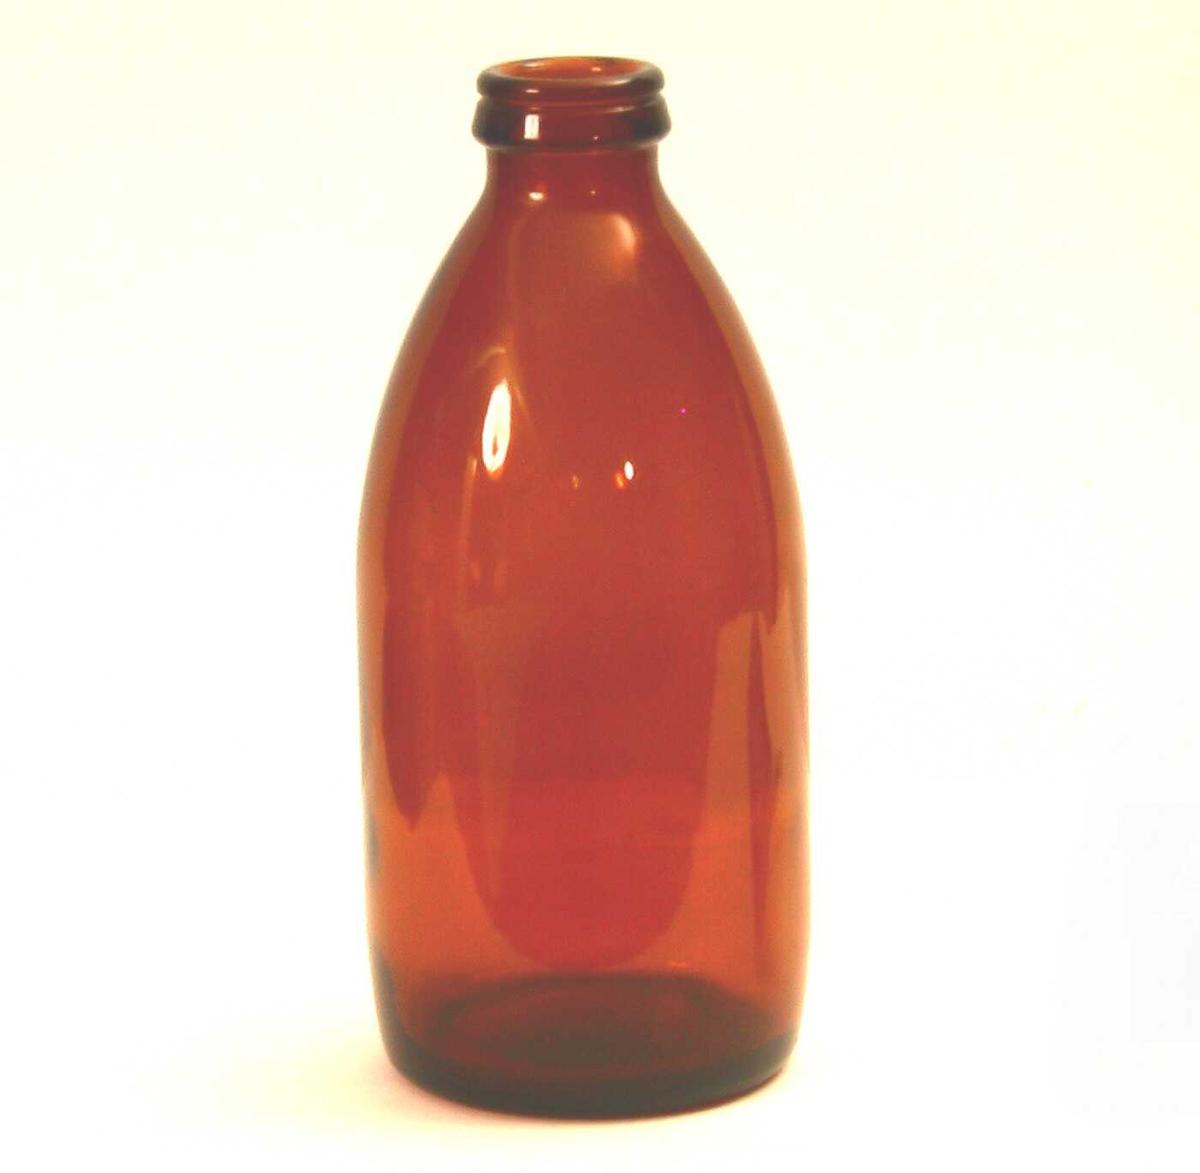 Melkeflaske av brunt glass. Produksjonsstempel i bunnen.